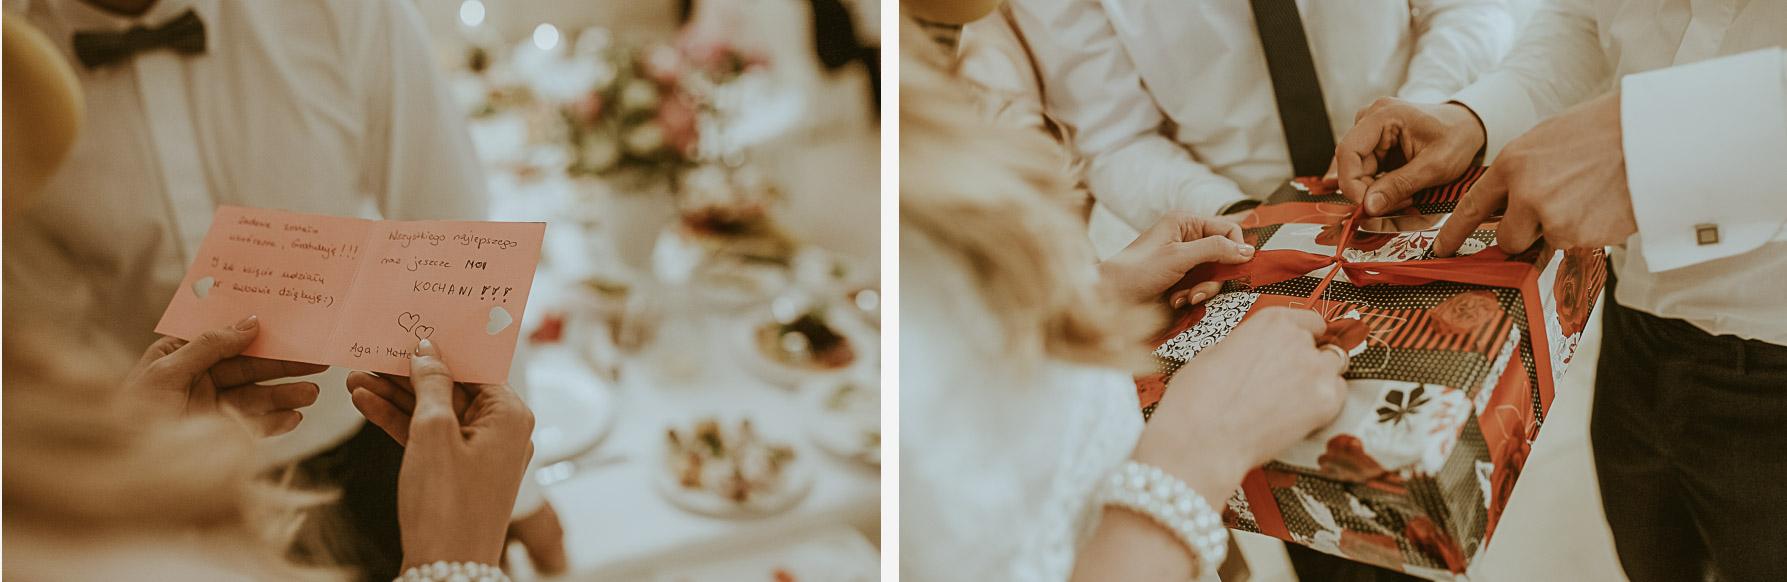 Zdjęcia Ślubne Gliwice 119 30v